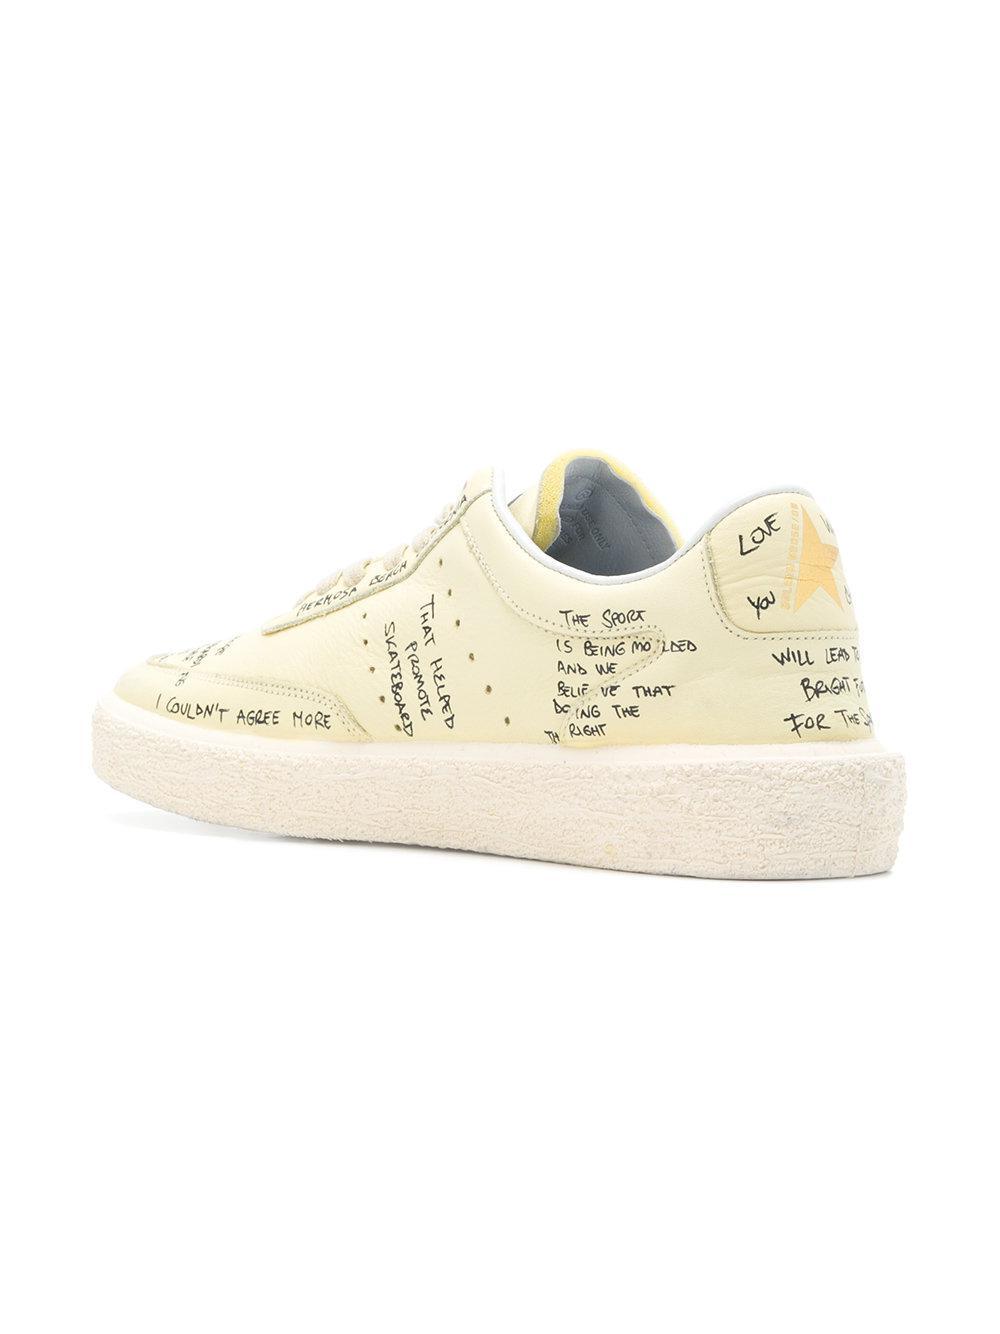 Tenthstar sneakers - Yellow & Orange Golden Goose 00rCM